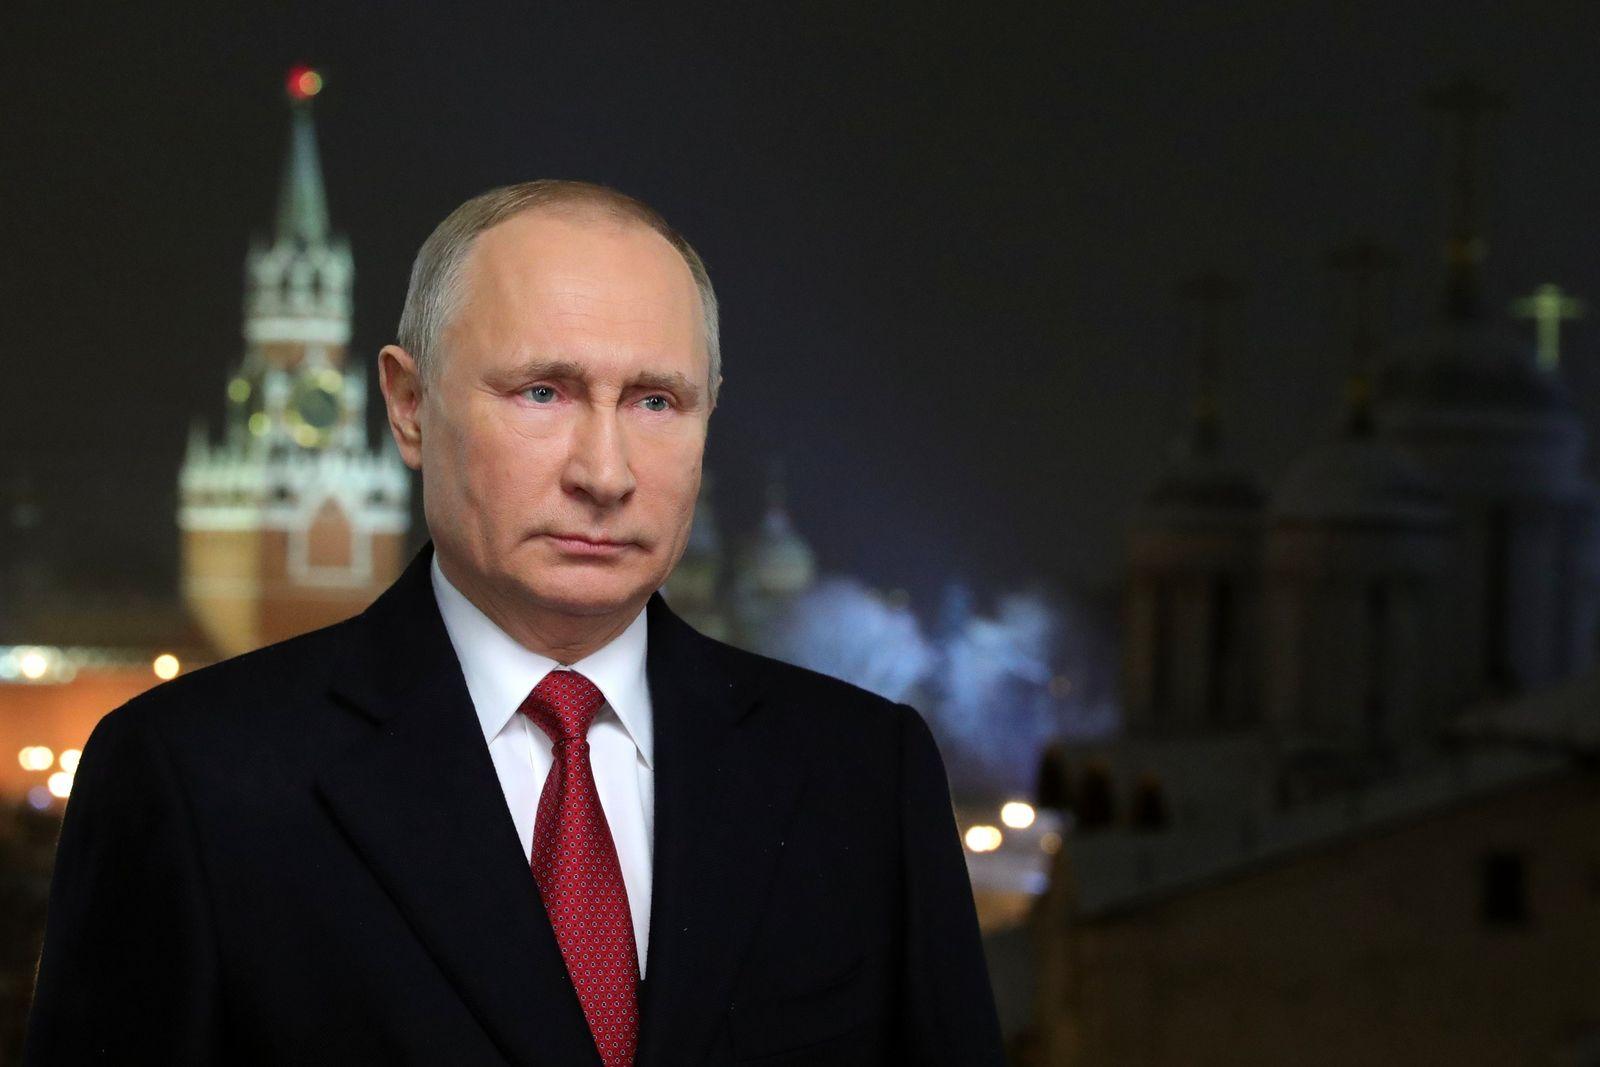 Neujahrsansprache Wladimir Putin / Schwellenländer